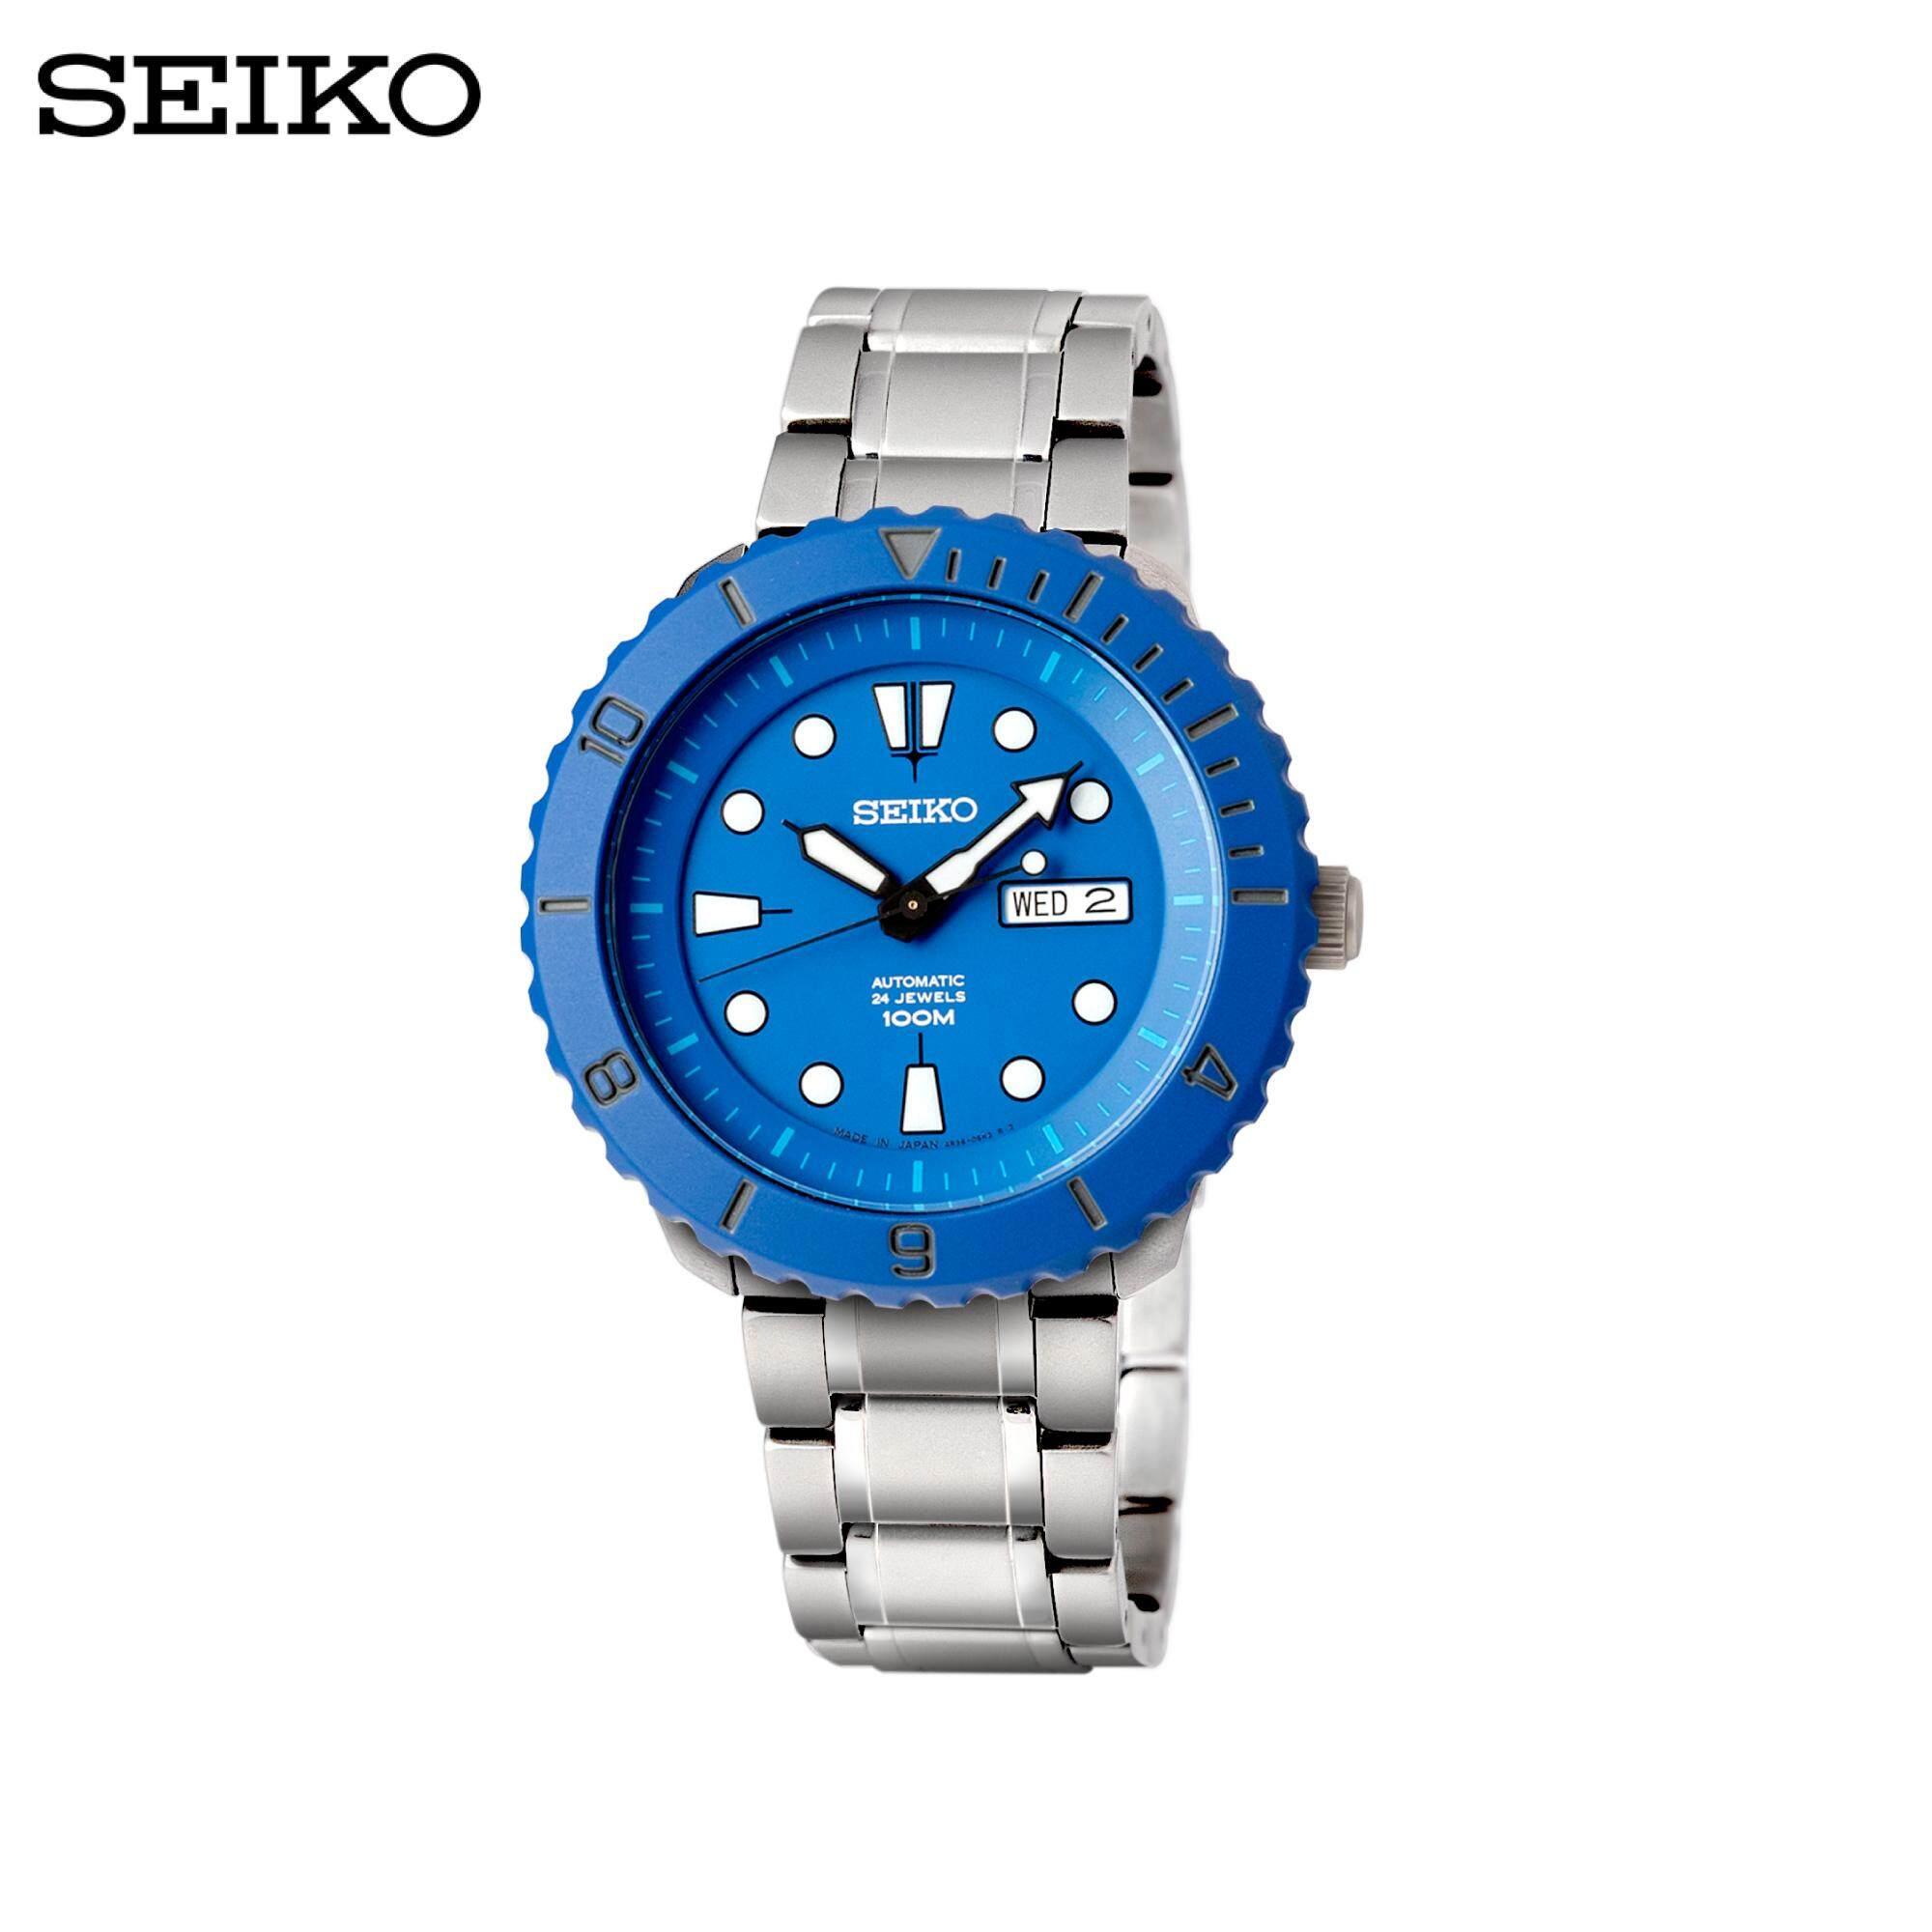 สอนใช้งาน  โคราชกรุงเทพมหานคร นาฬิกา SEIKO Save the sea รุ่น SRPA43J